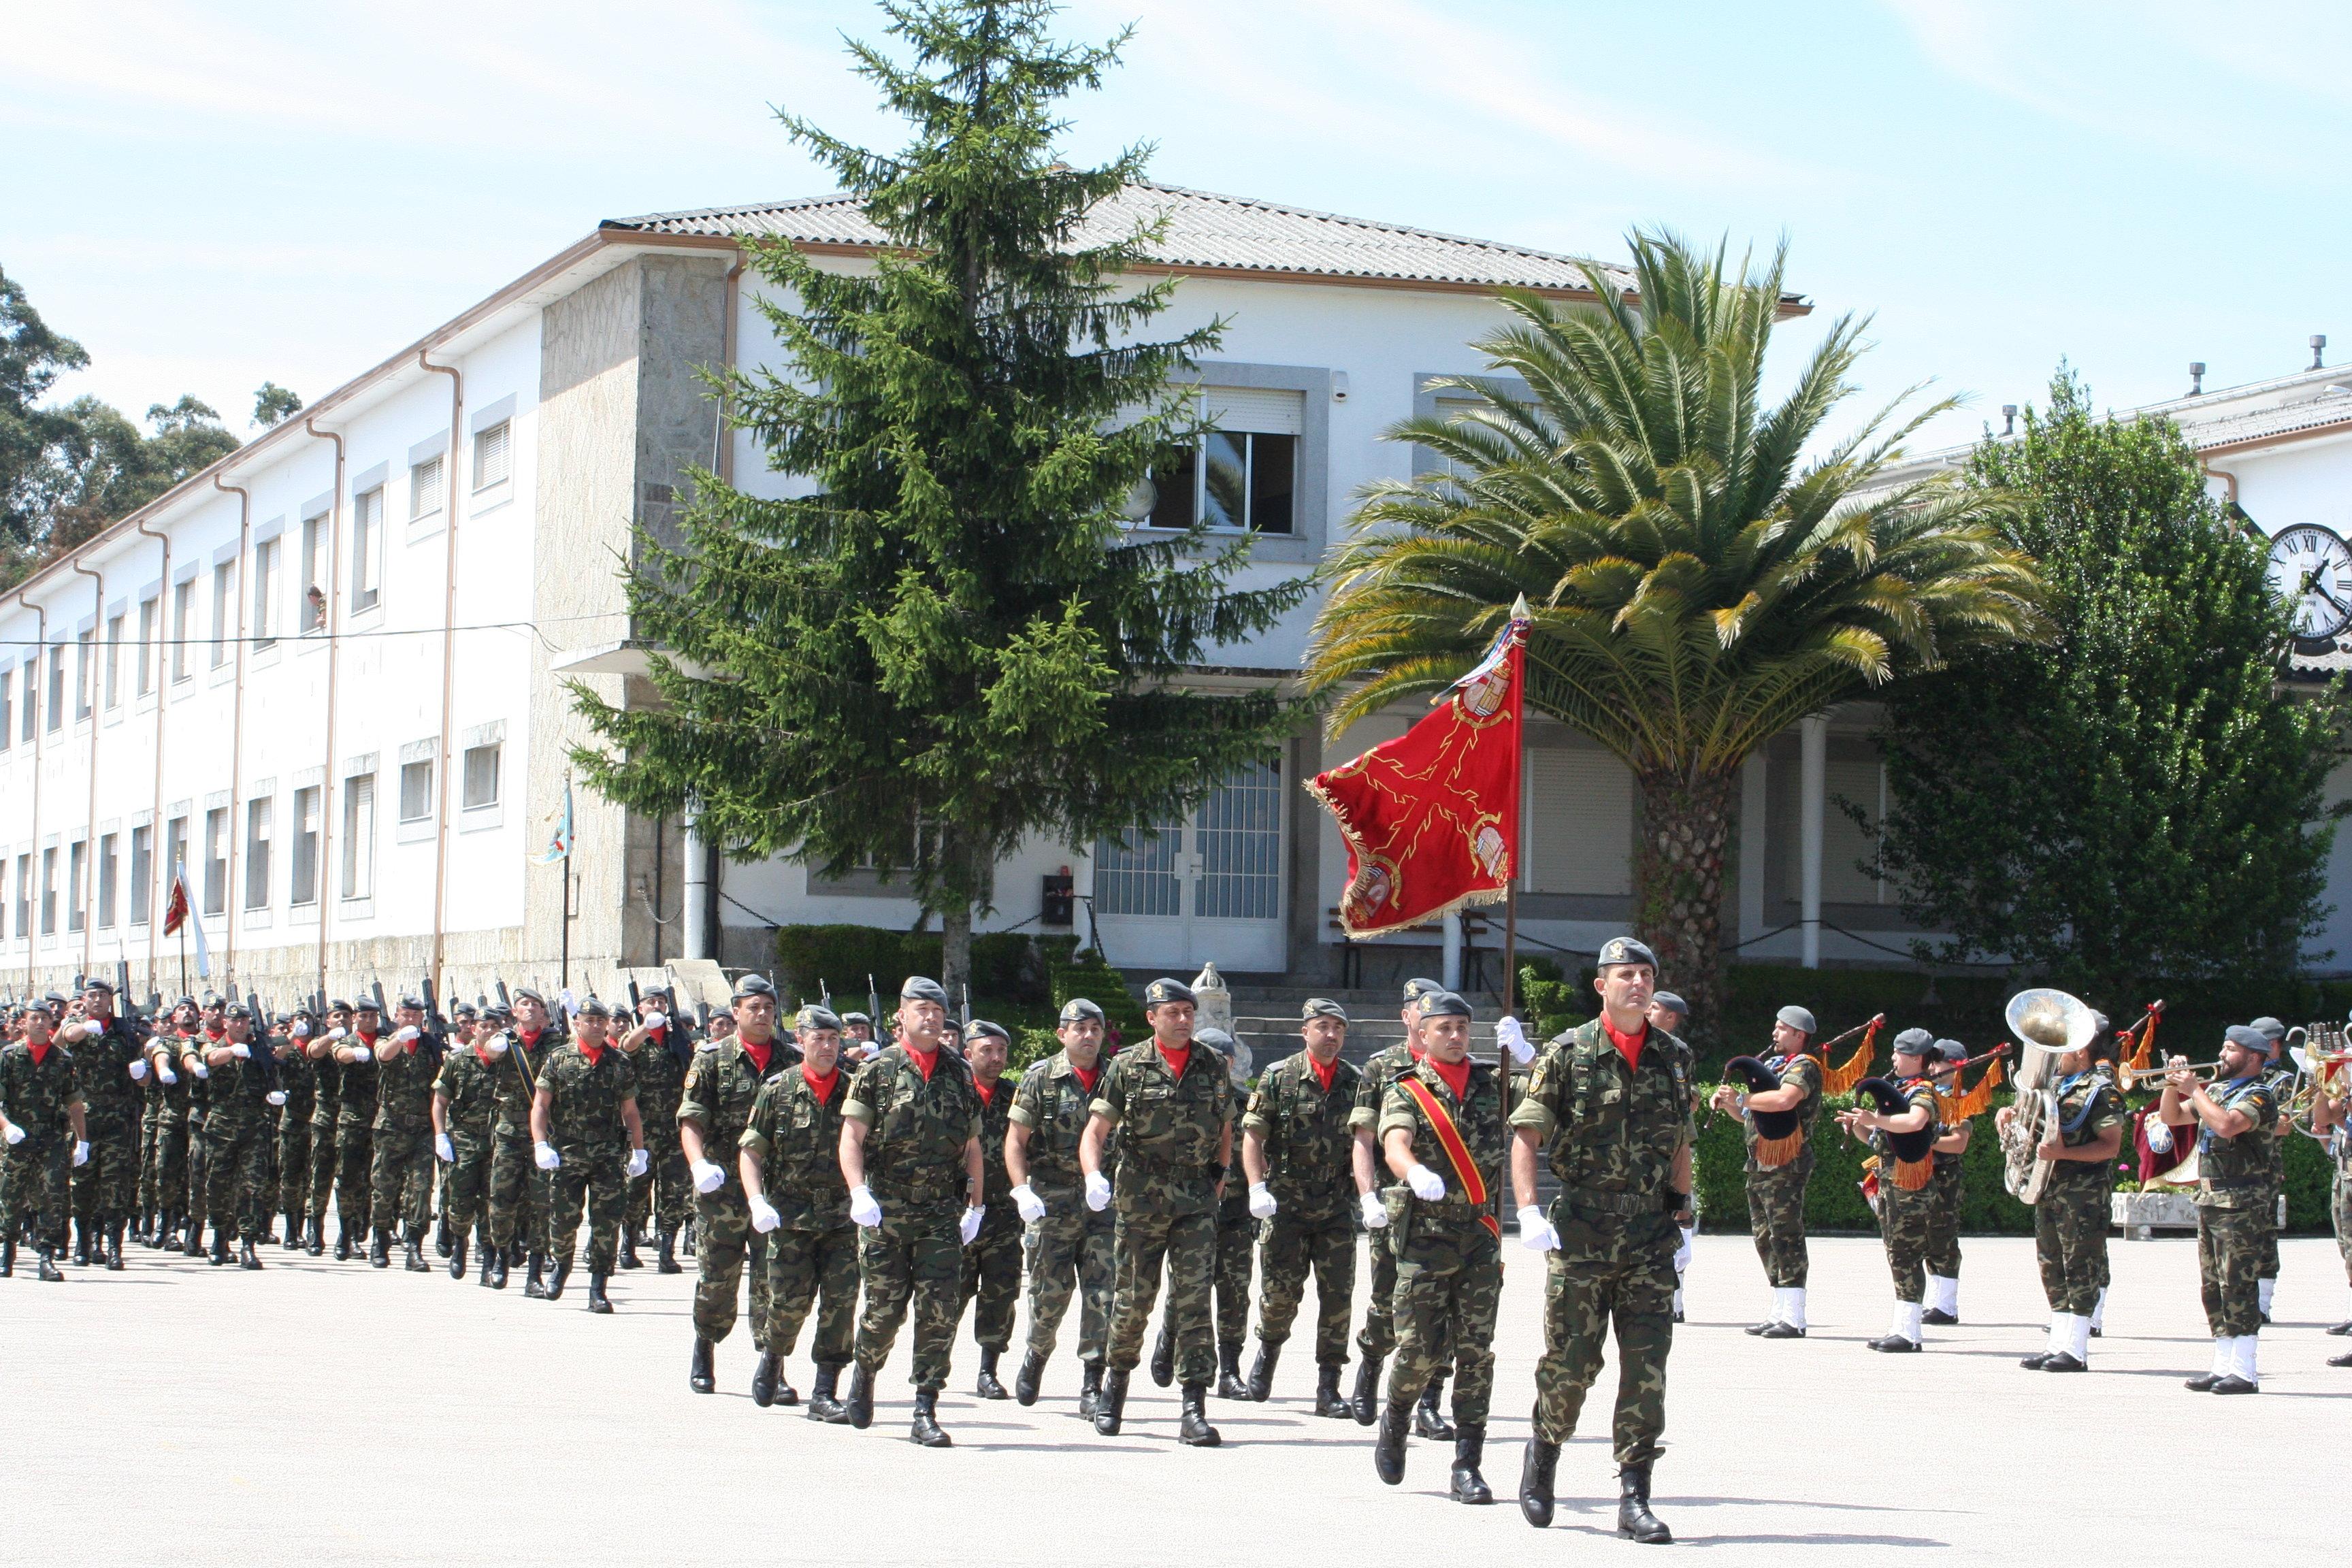 El histórico batallón Zamora, de la Brigada Aerotransportable, una unidad de élite para una hipotética guerra con Marruecos.